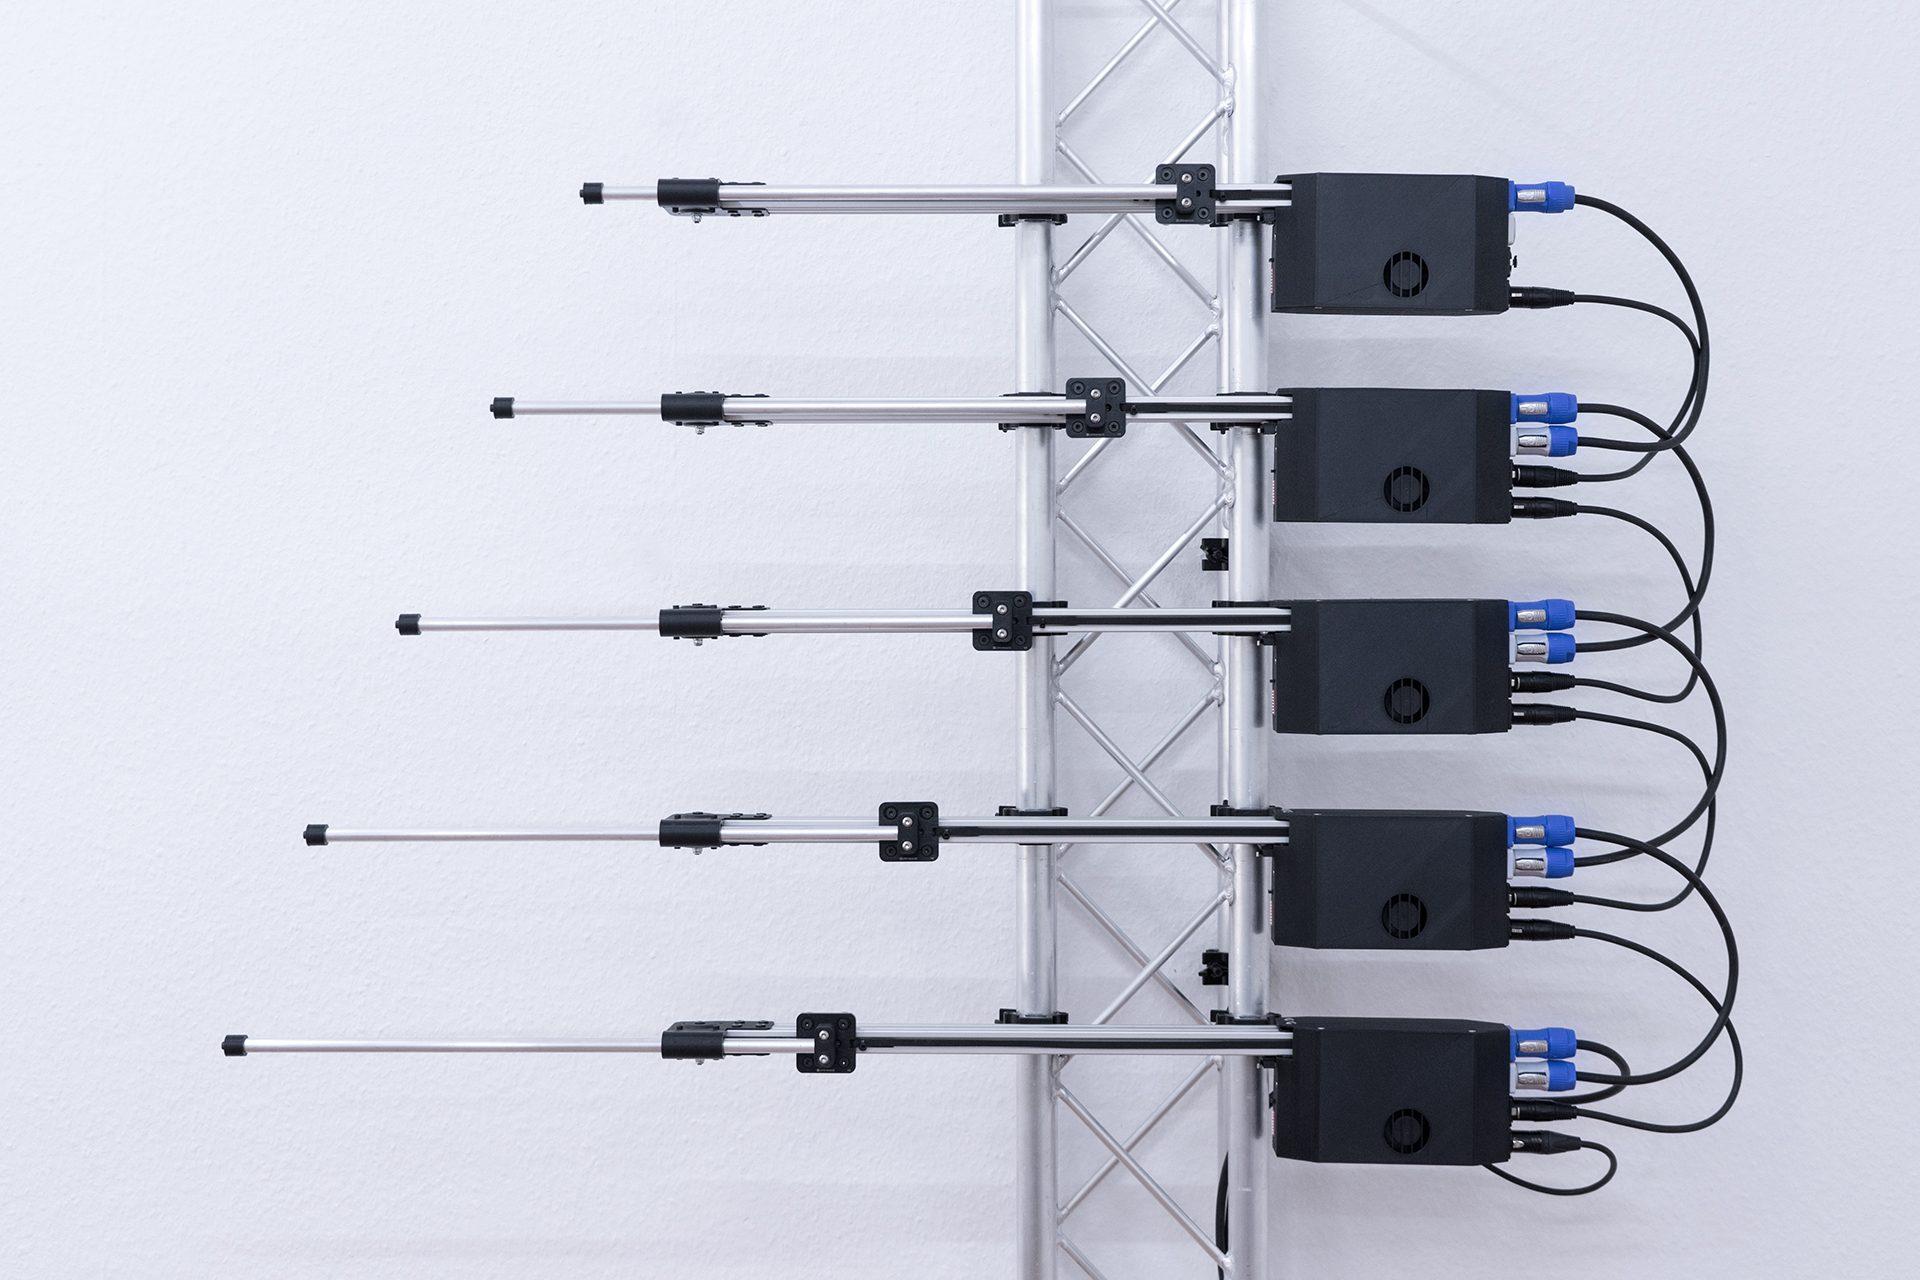 DMX Linear Actuator (20 — 200cm length, 0.1 — 3kg push / pull, 0.1 — 30cm/s speed, 2 — 4 DMX channels, 230/110 VAC)